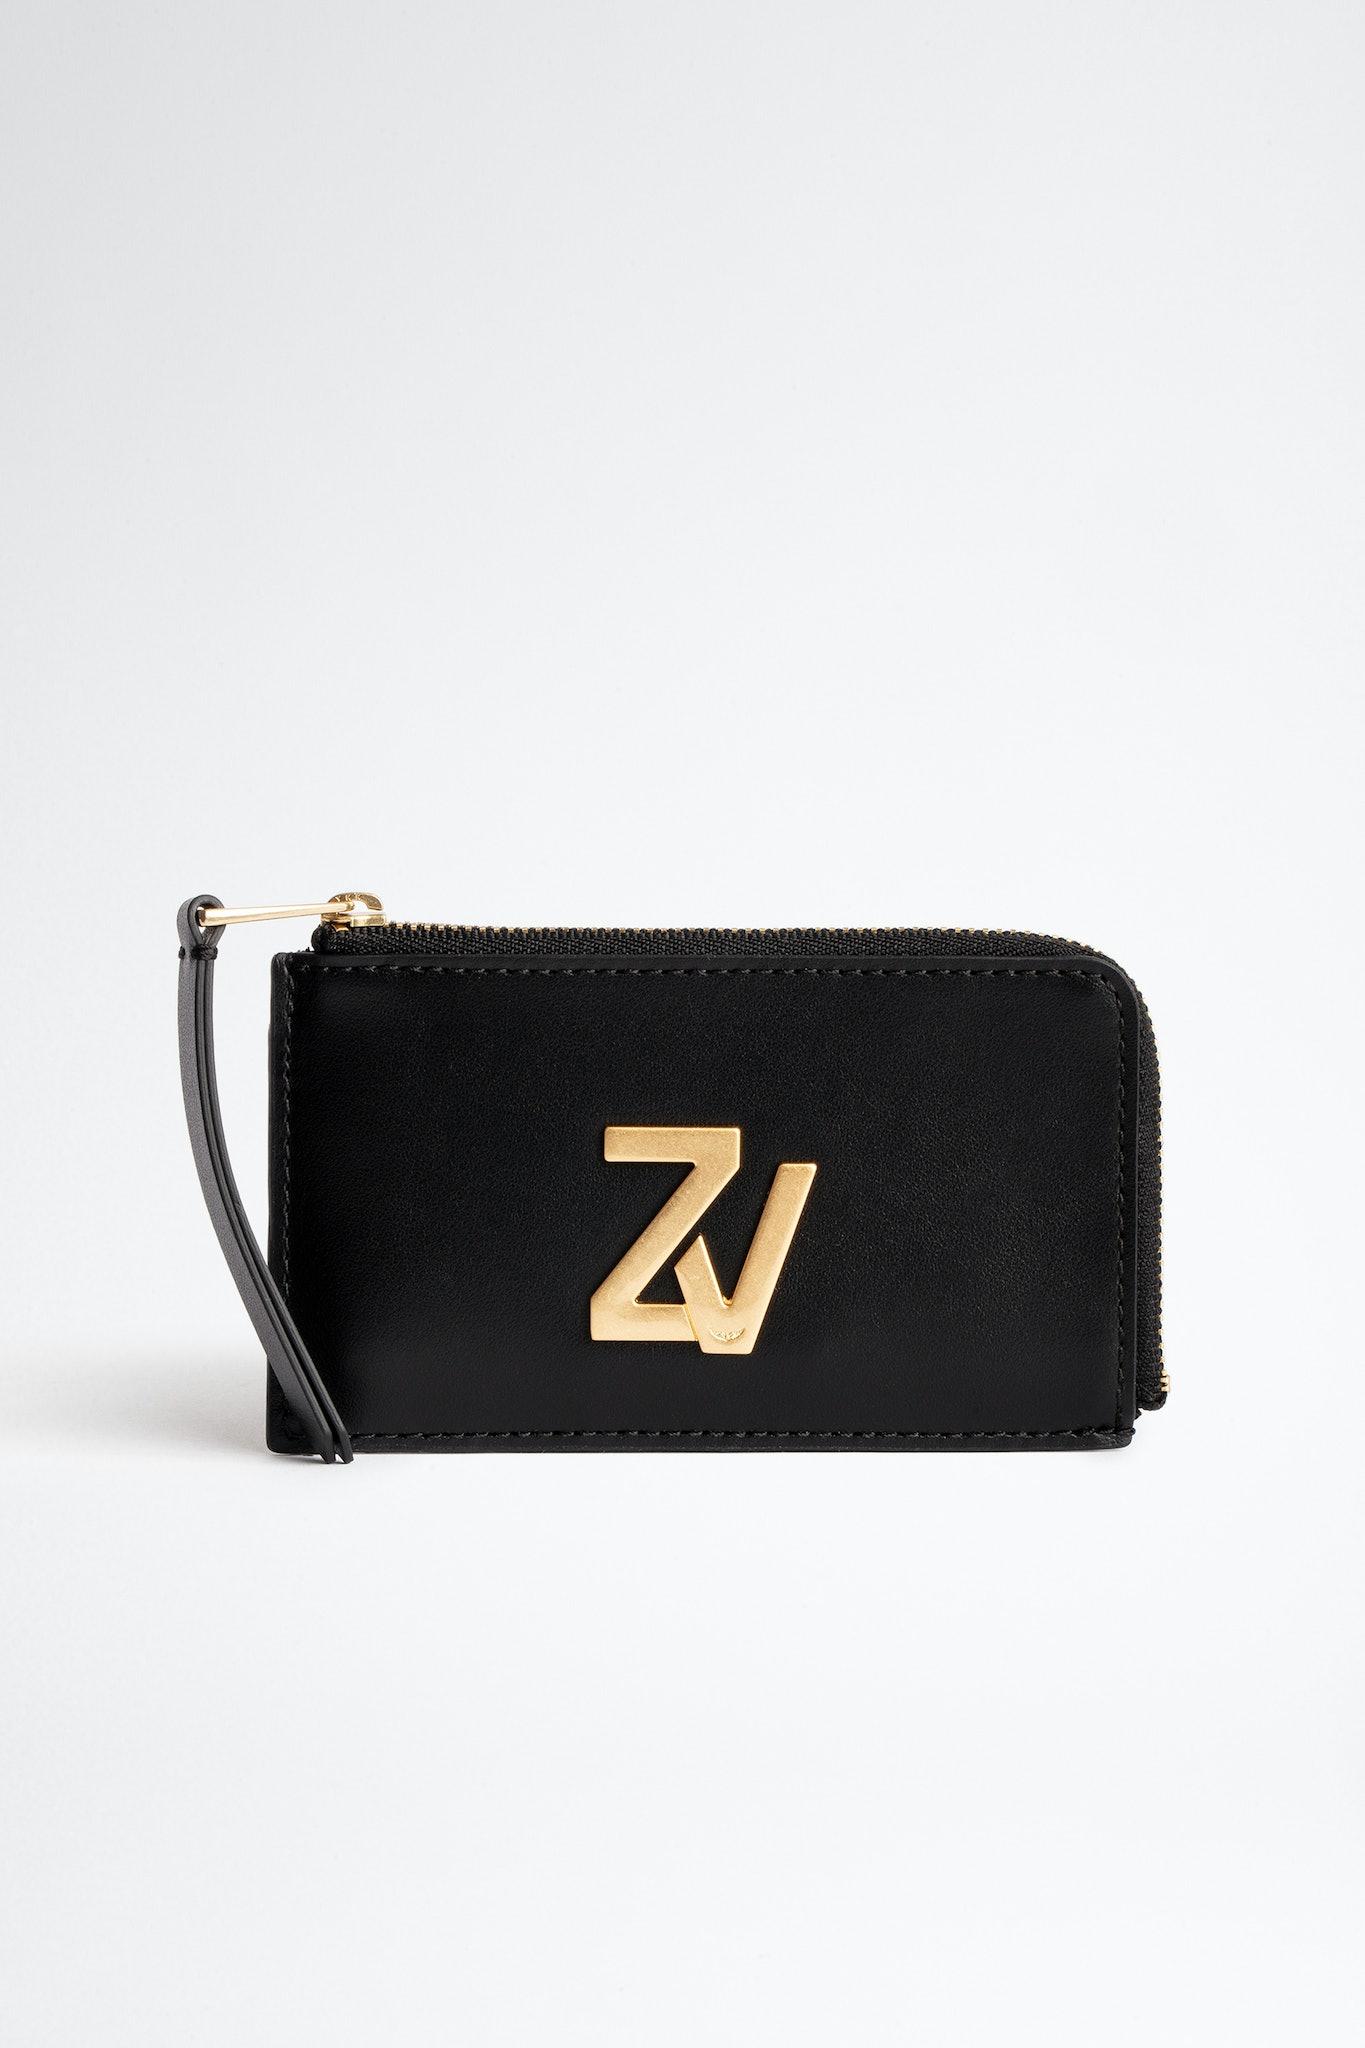 Porte-Cartes ZV Initiale Le Medium